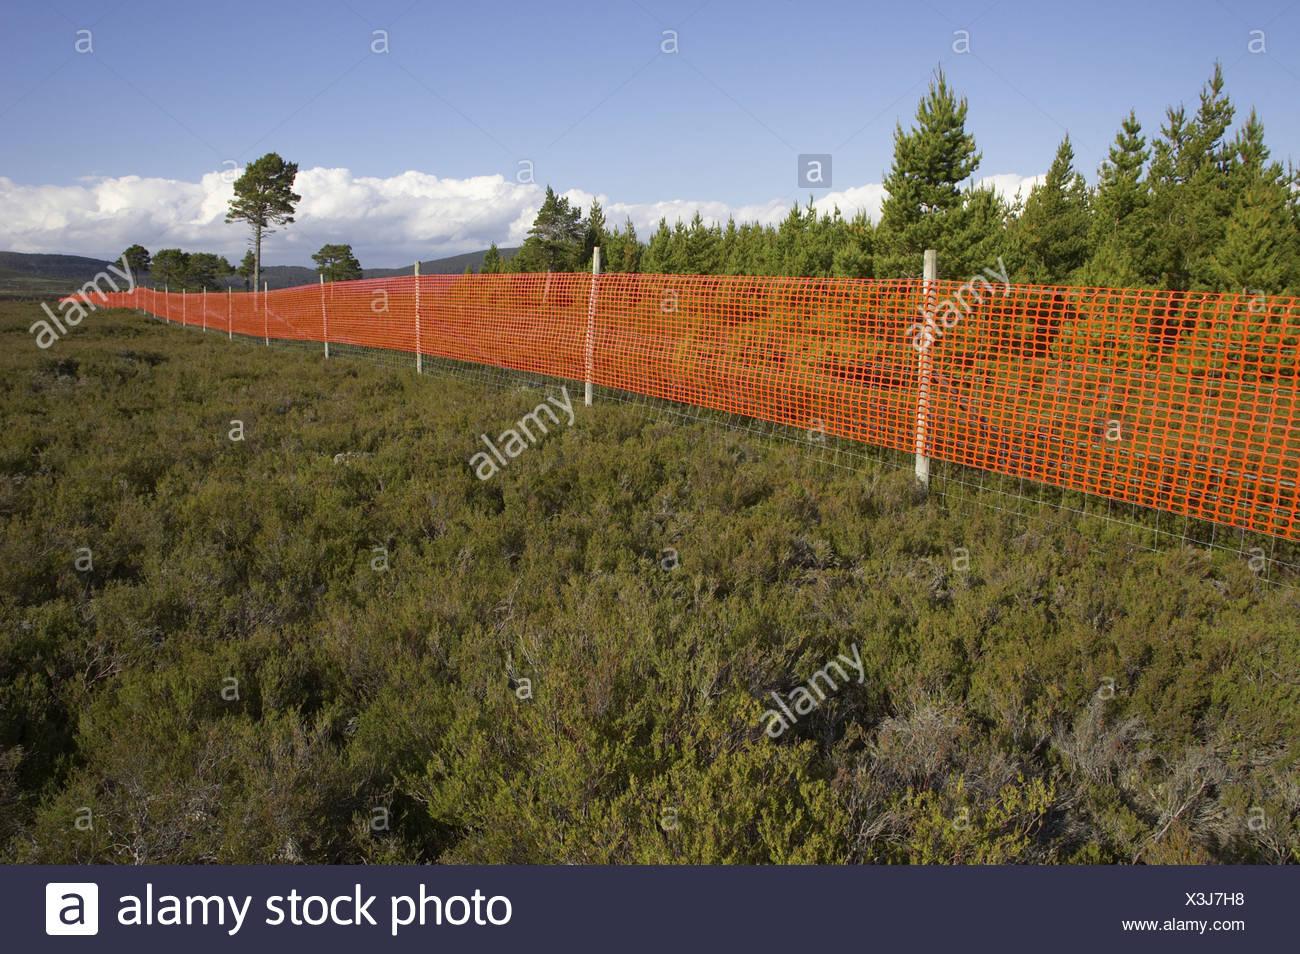 Orange Mesh Befestigt An Reh Zaun Sichtbarkeit Erhohen Und